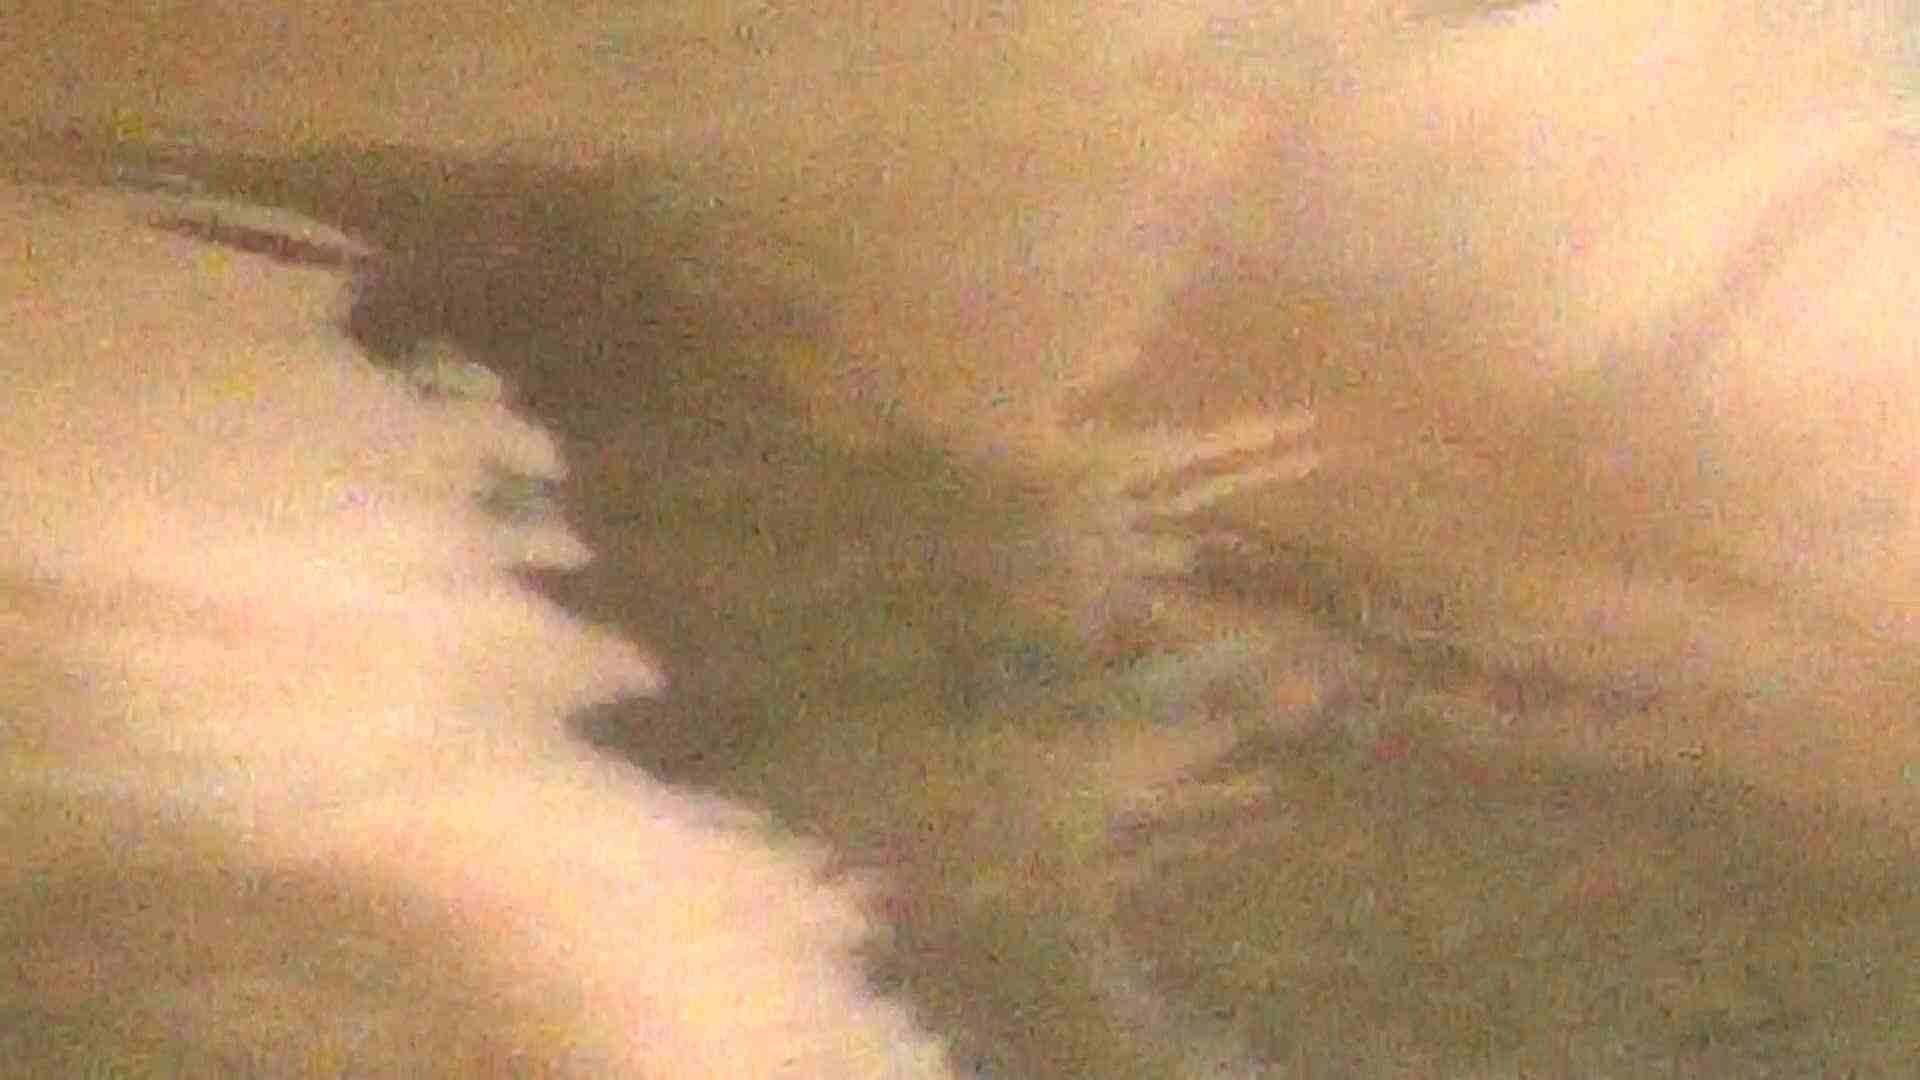 ハイビジョンVol.14 年齢とともに大きくなる心と乳首 美女 のぞき動画画像 110枚 106